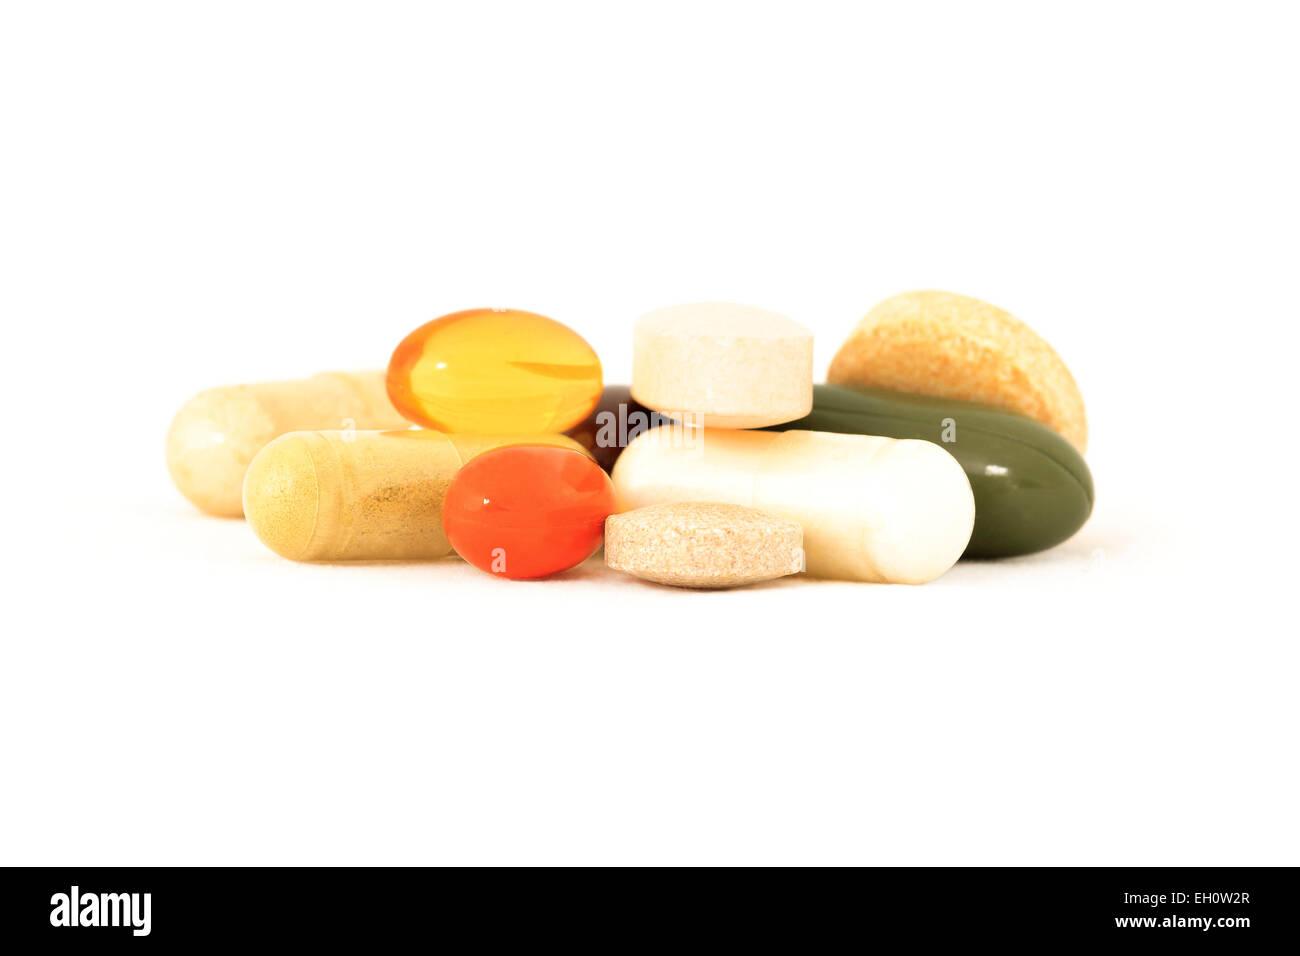 Verschiedene Vitamine und pflanzliche Präparate auf weißem Hintergrund Stockbild